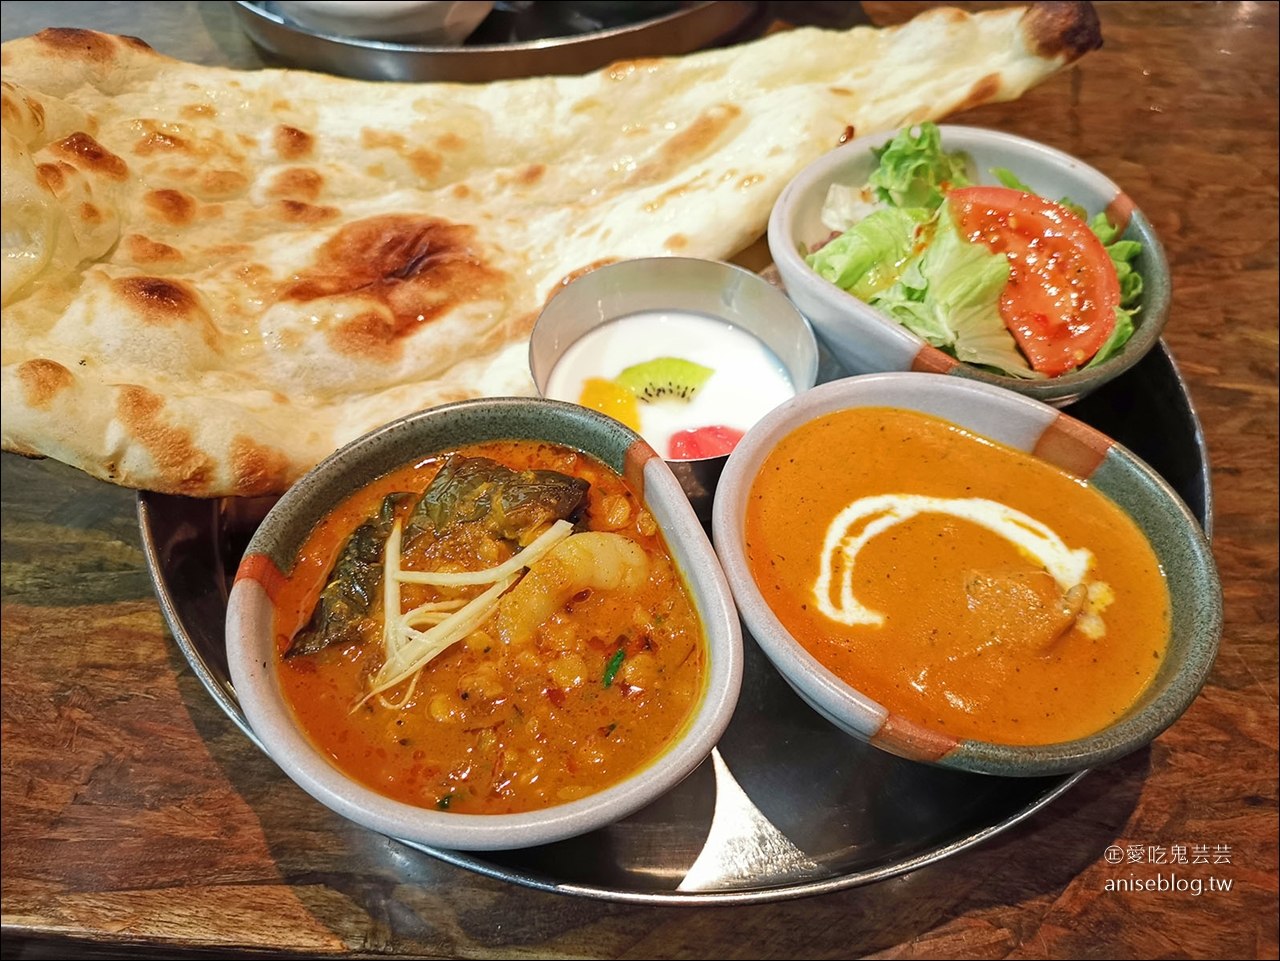 銀座印度料理 | OLD DELHI,巧遇的米其林必比登推介 @愛吃鬼芸芸